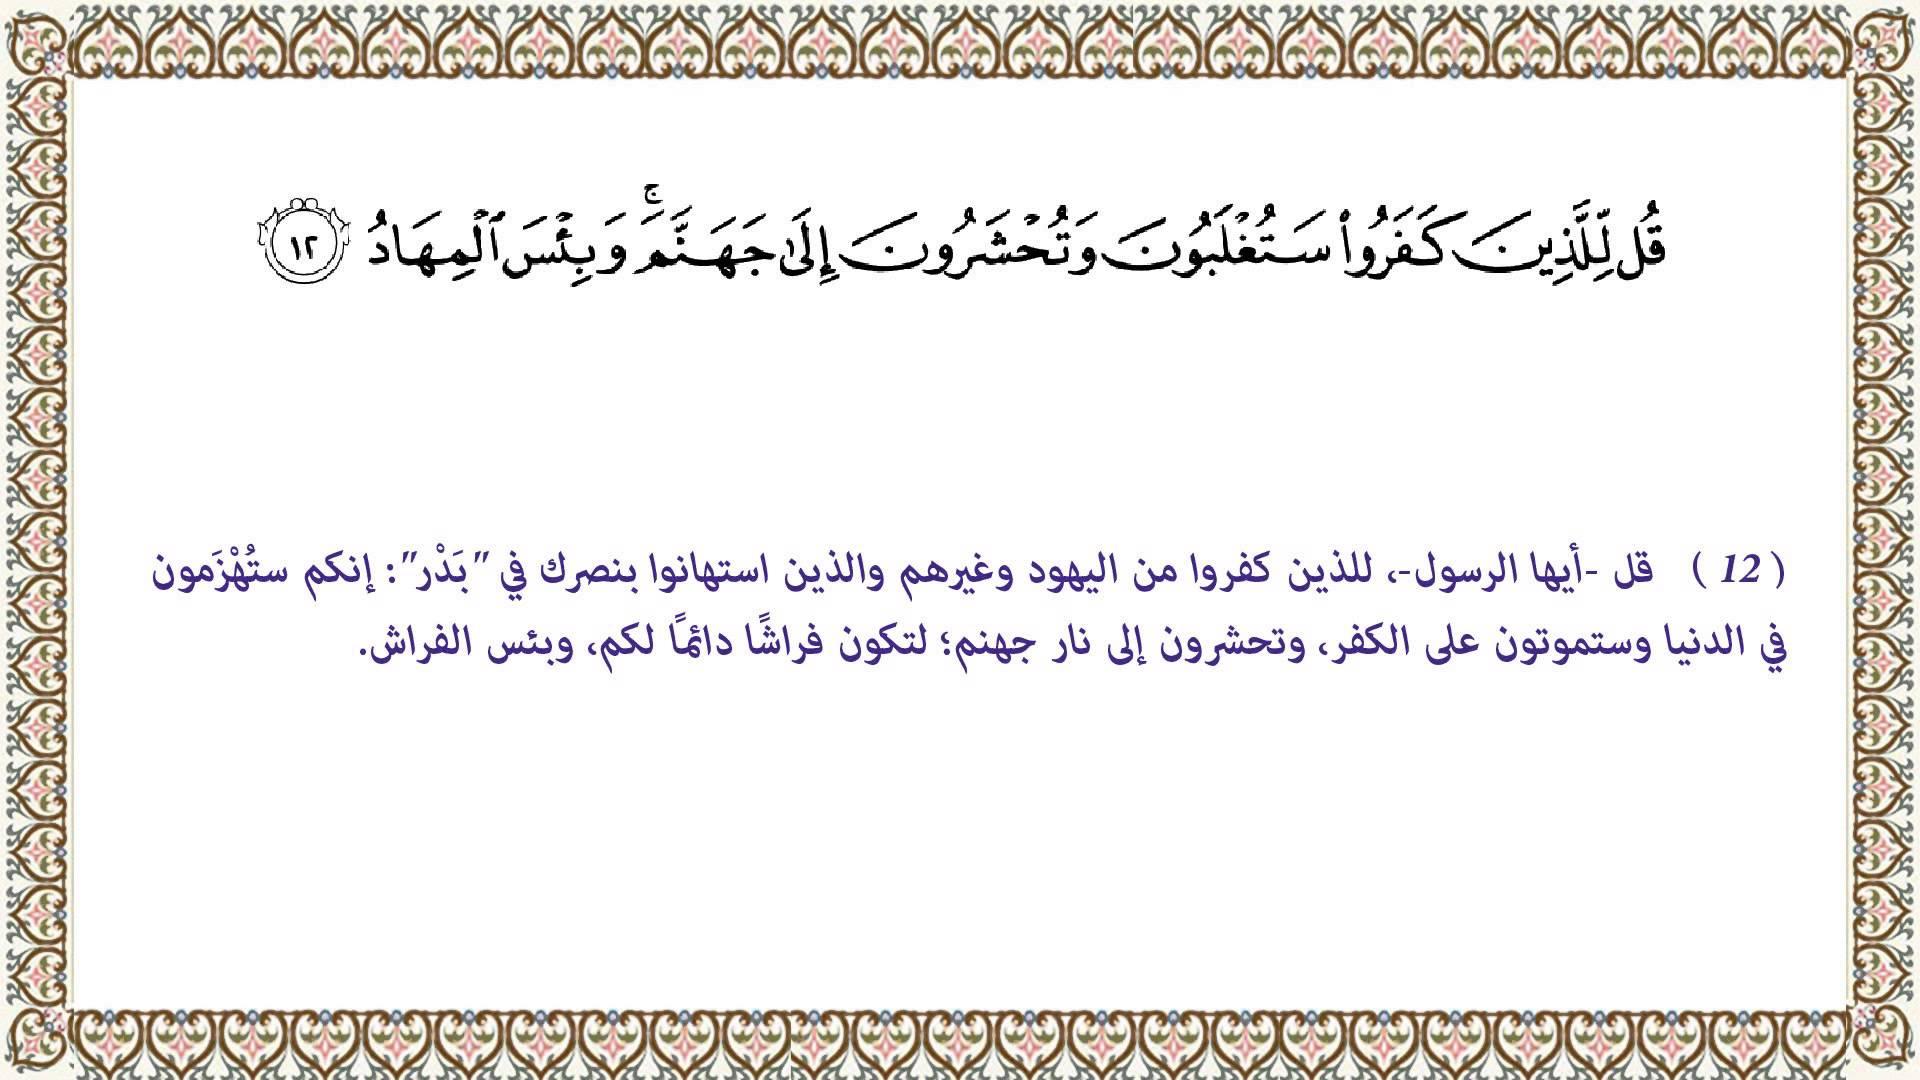 44334 - امام زمان(عج) در قرآن